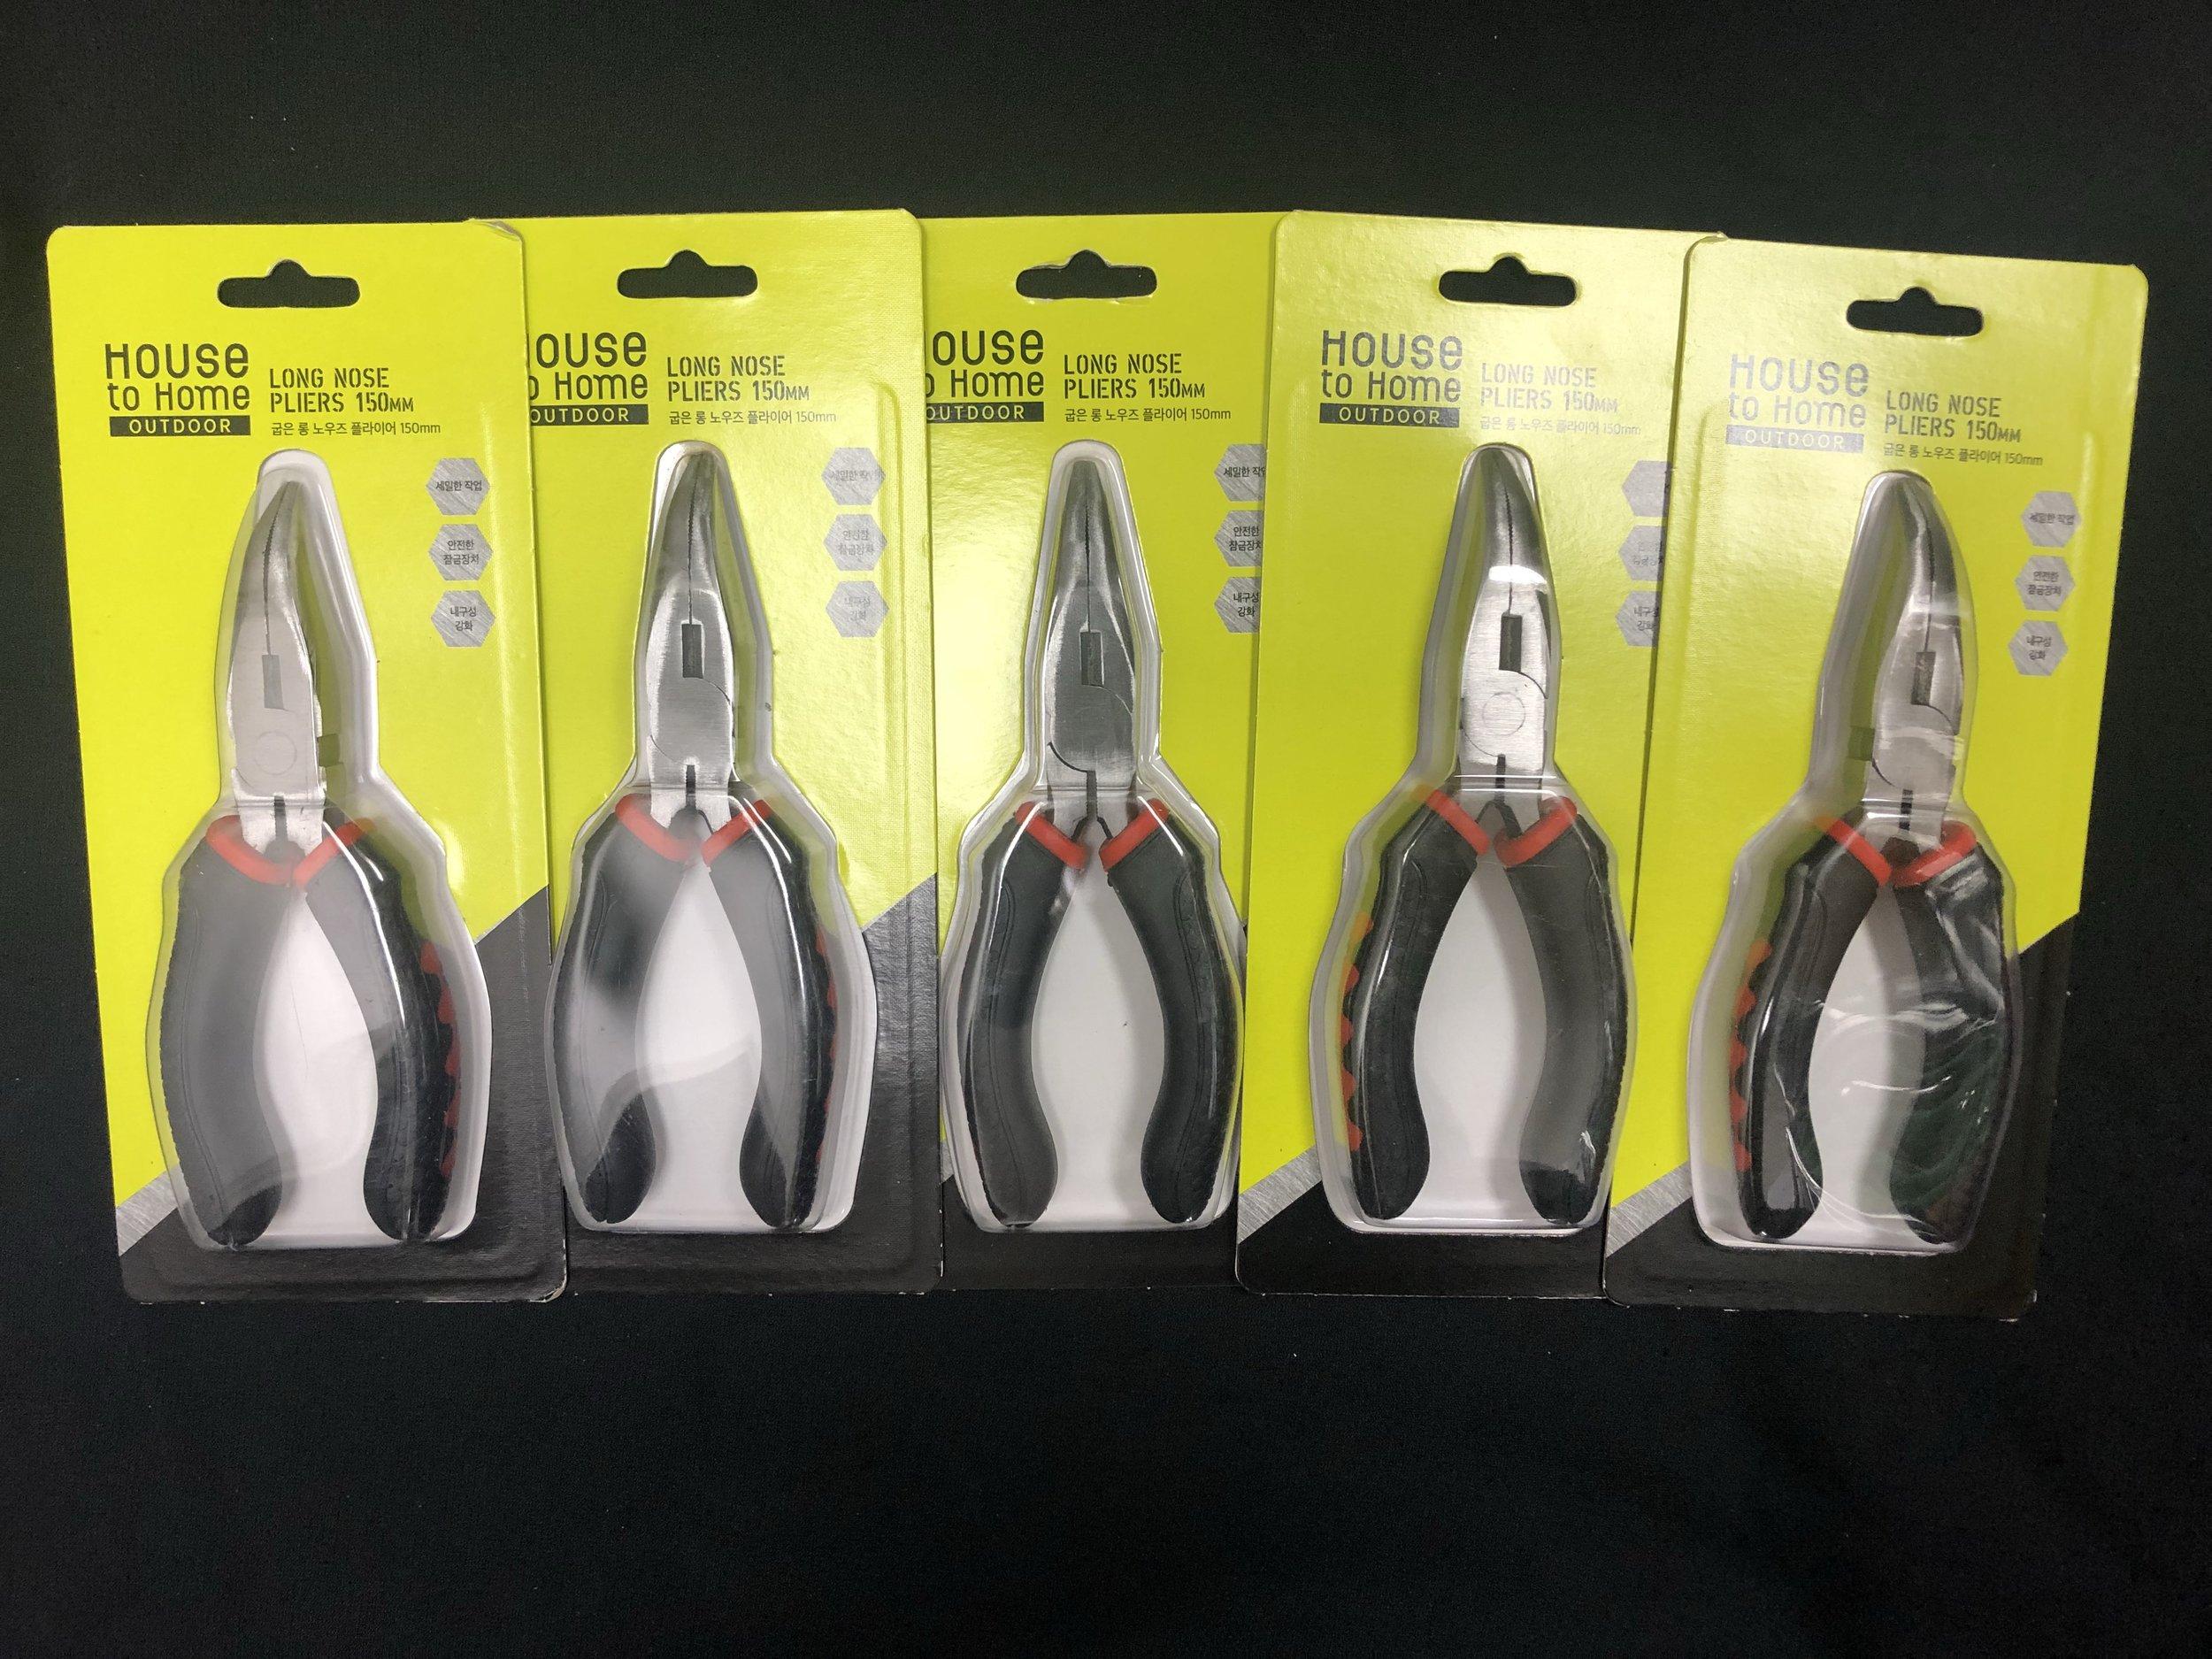 long nose pliers 150mm bundle of 5 - $25.00